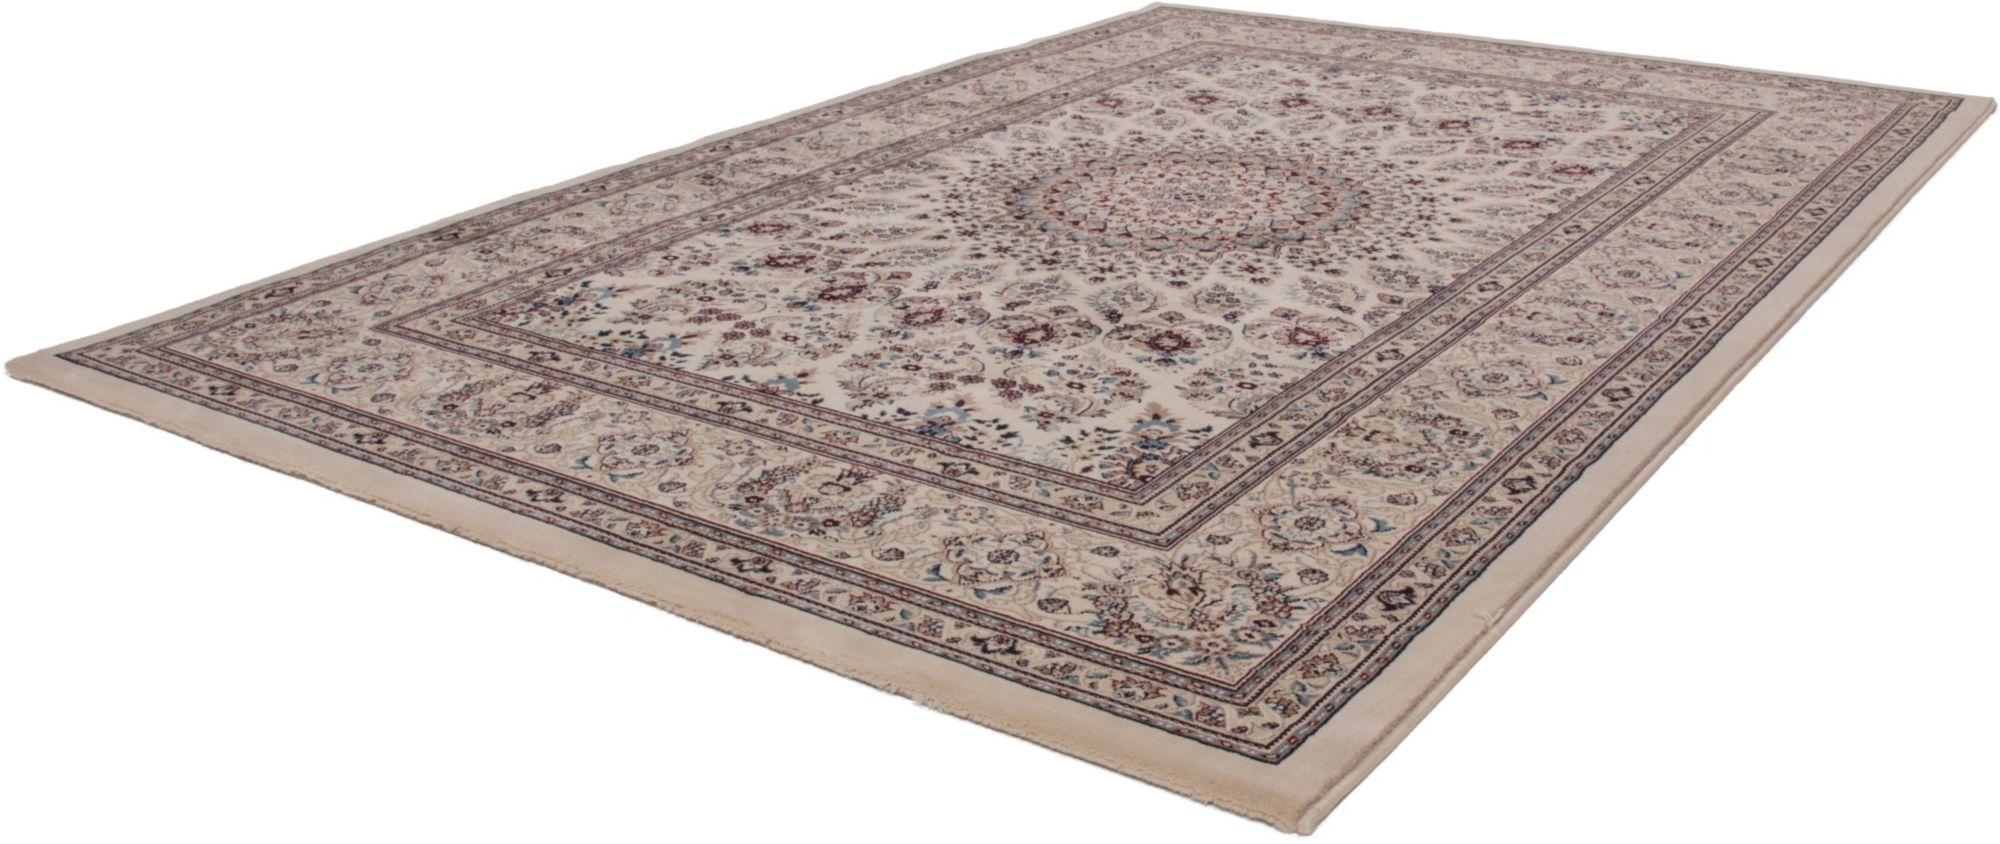 Orientteppich »Mashad 130«, Lalee, rechteckig, Höhe 15 mm, maschinell gewebt